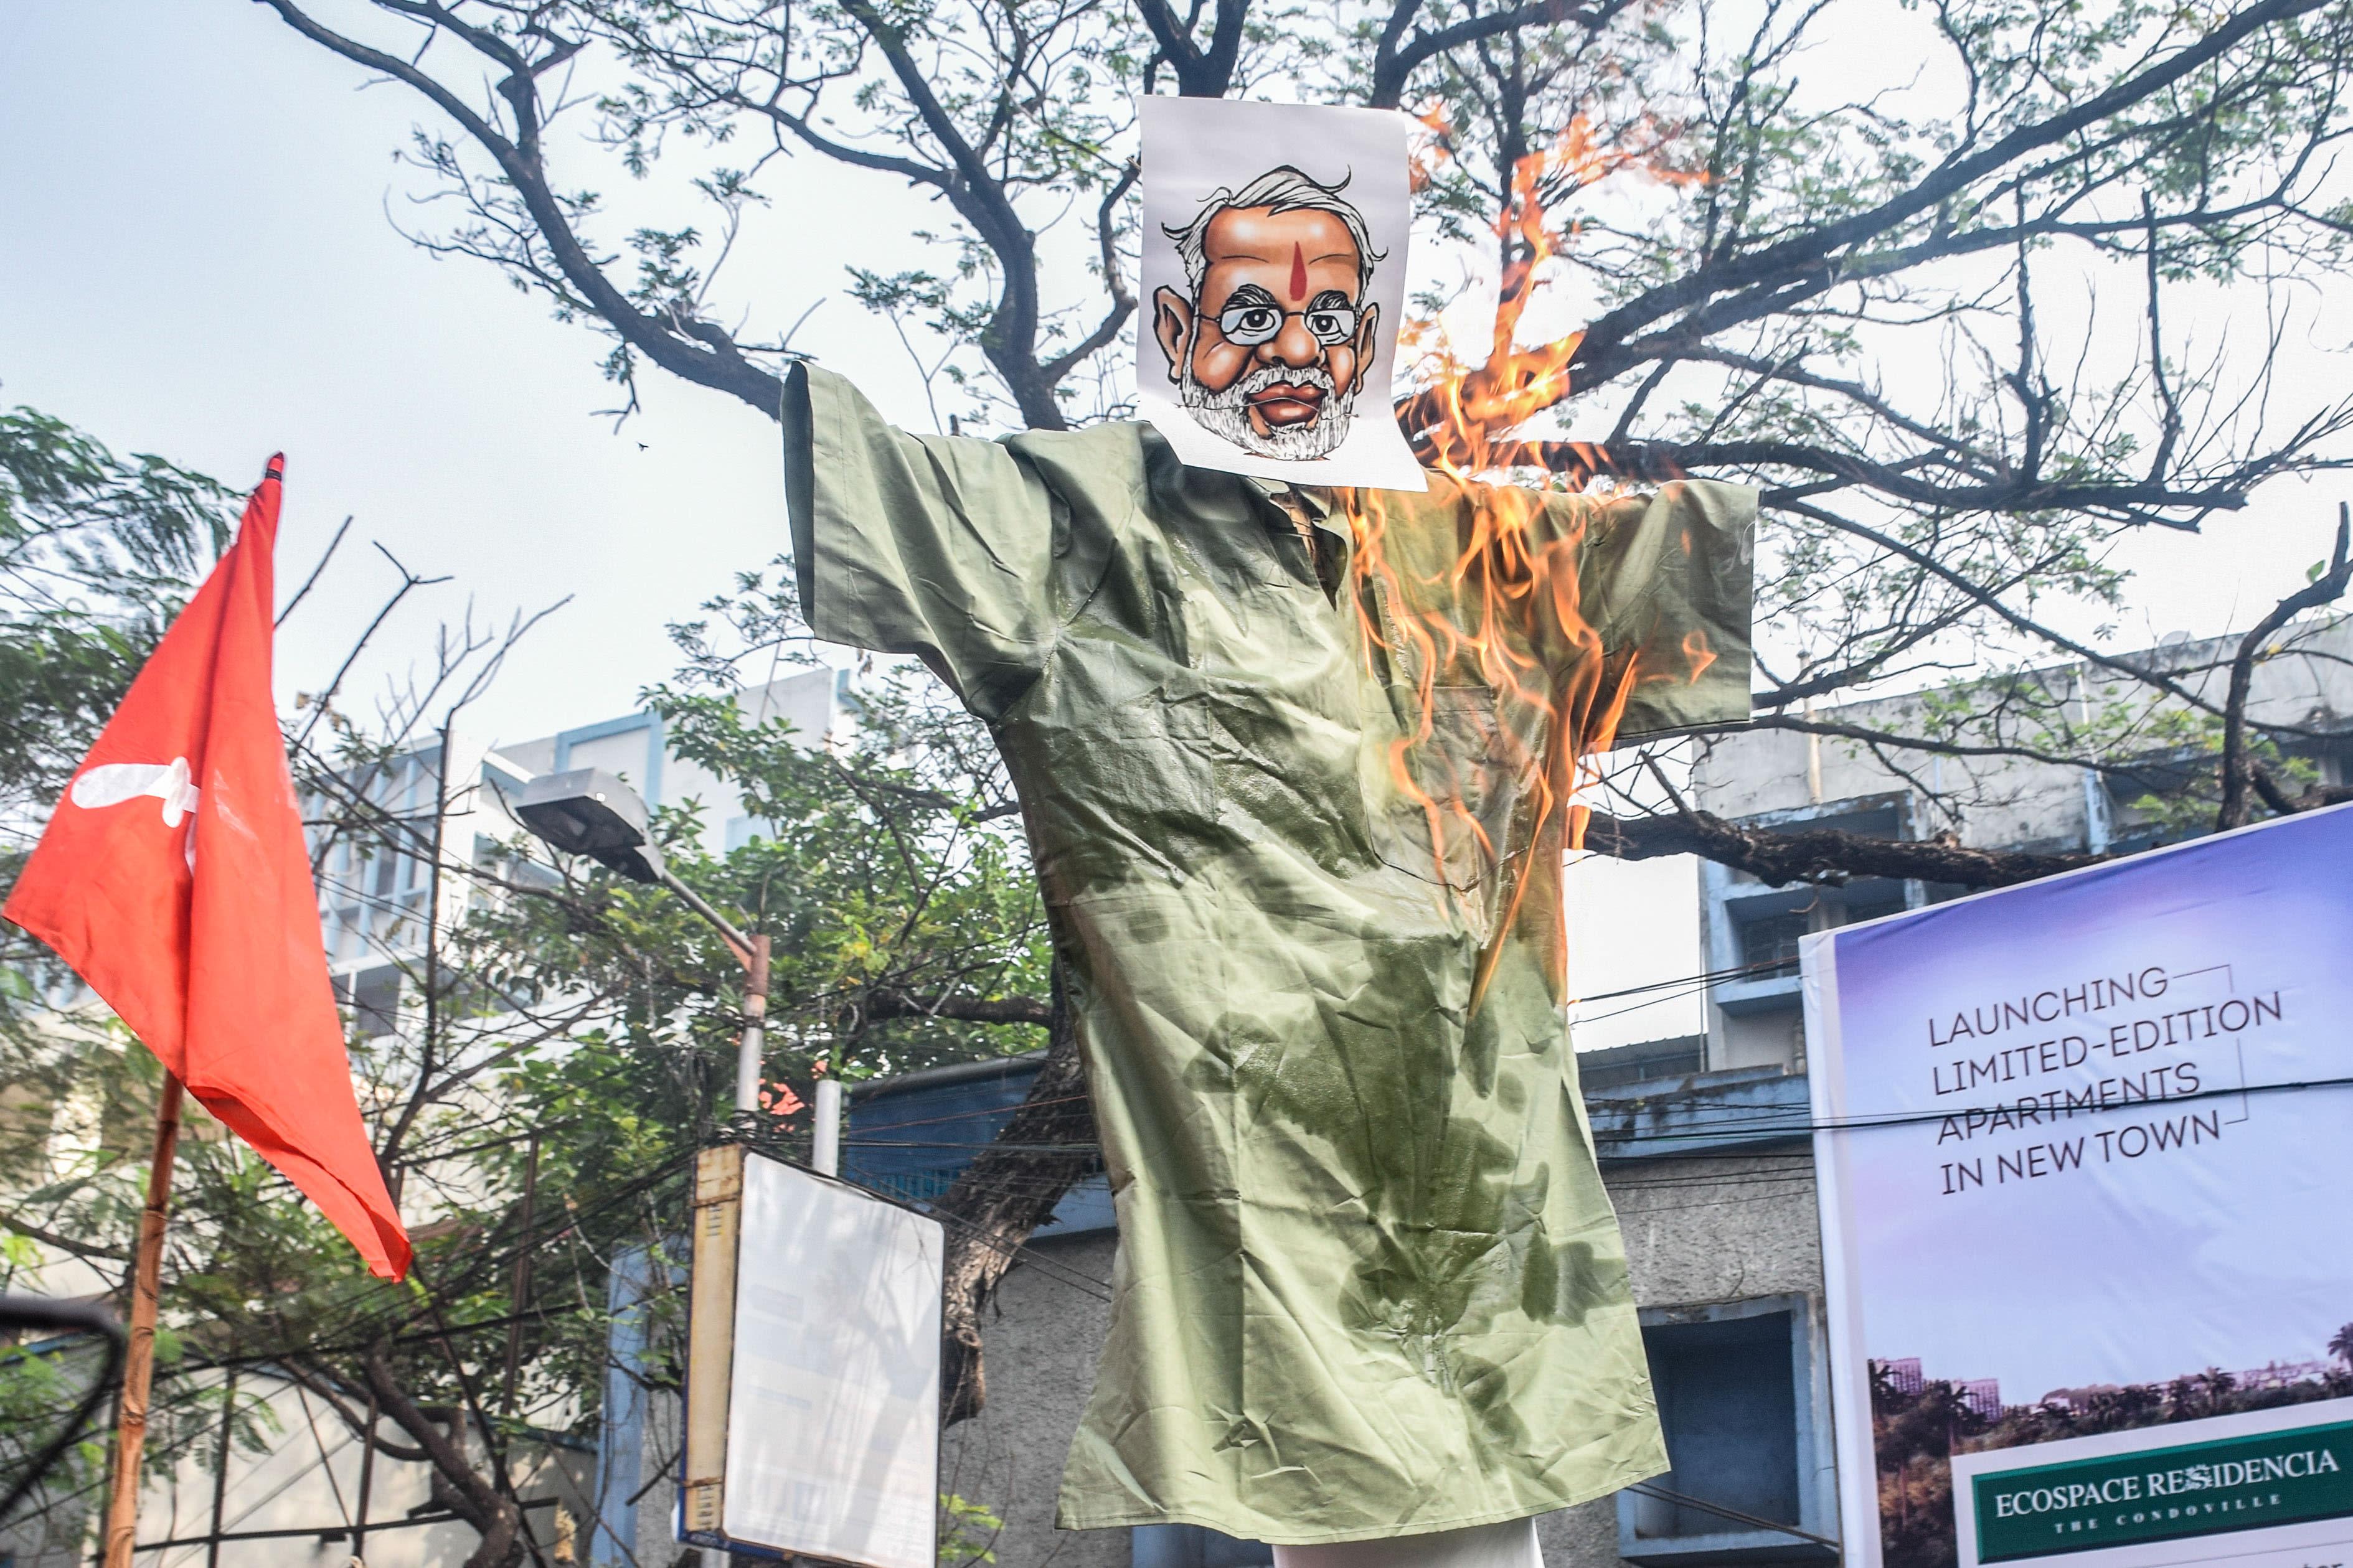 מפגינים בהודו שורפים את דמות ראש הממשלה מודי / צילום: Tamal Shee / SOPA Images/Sipa USA